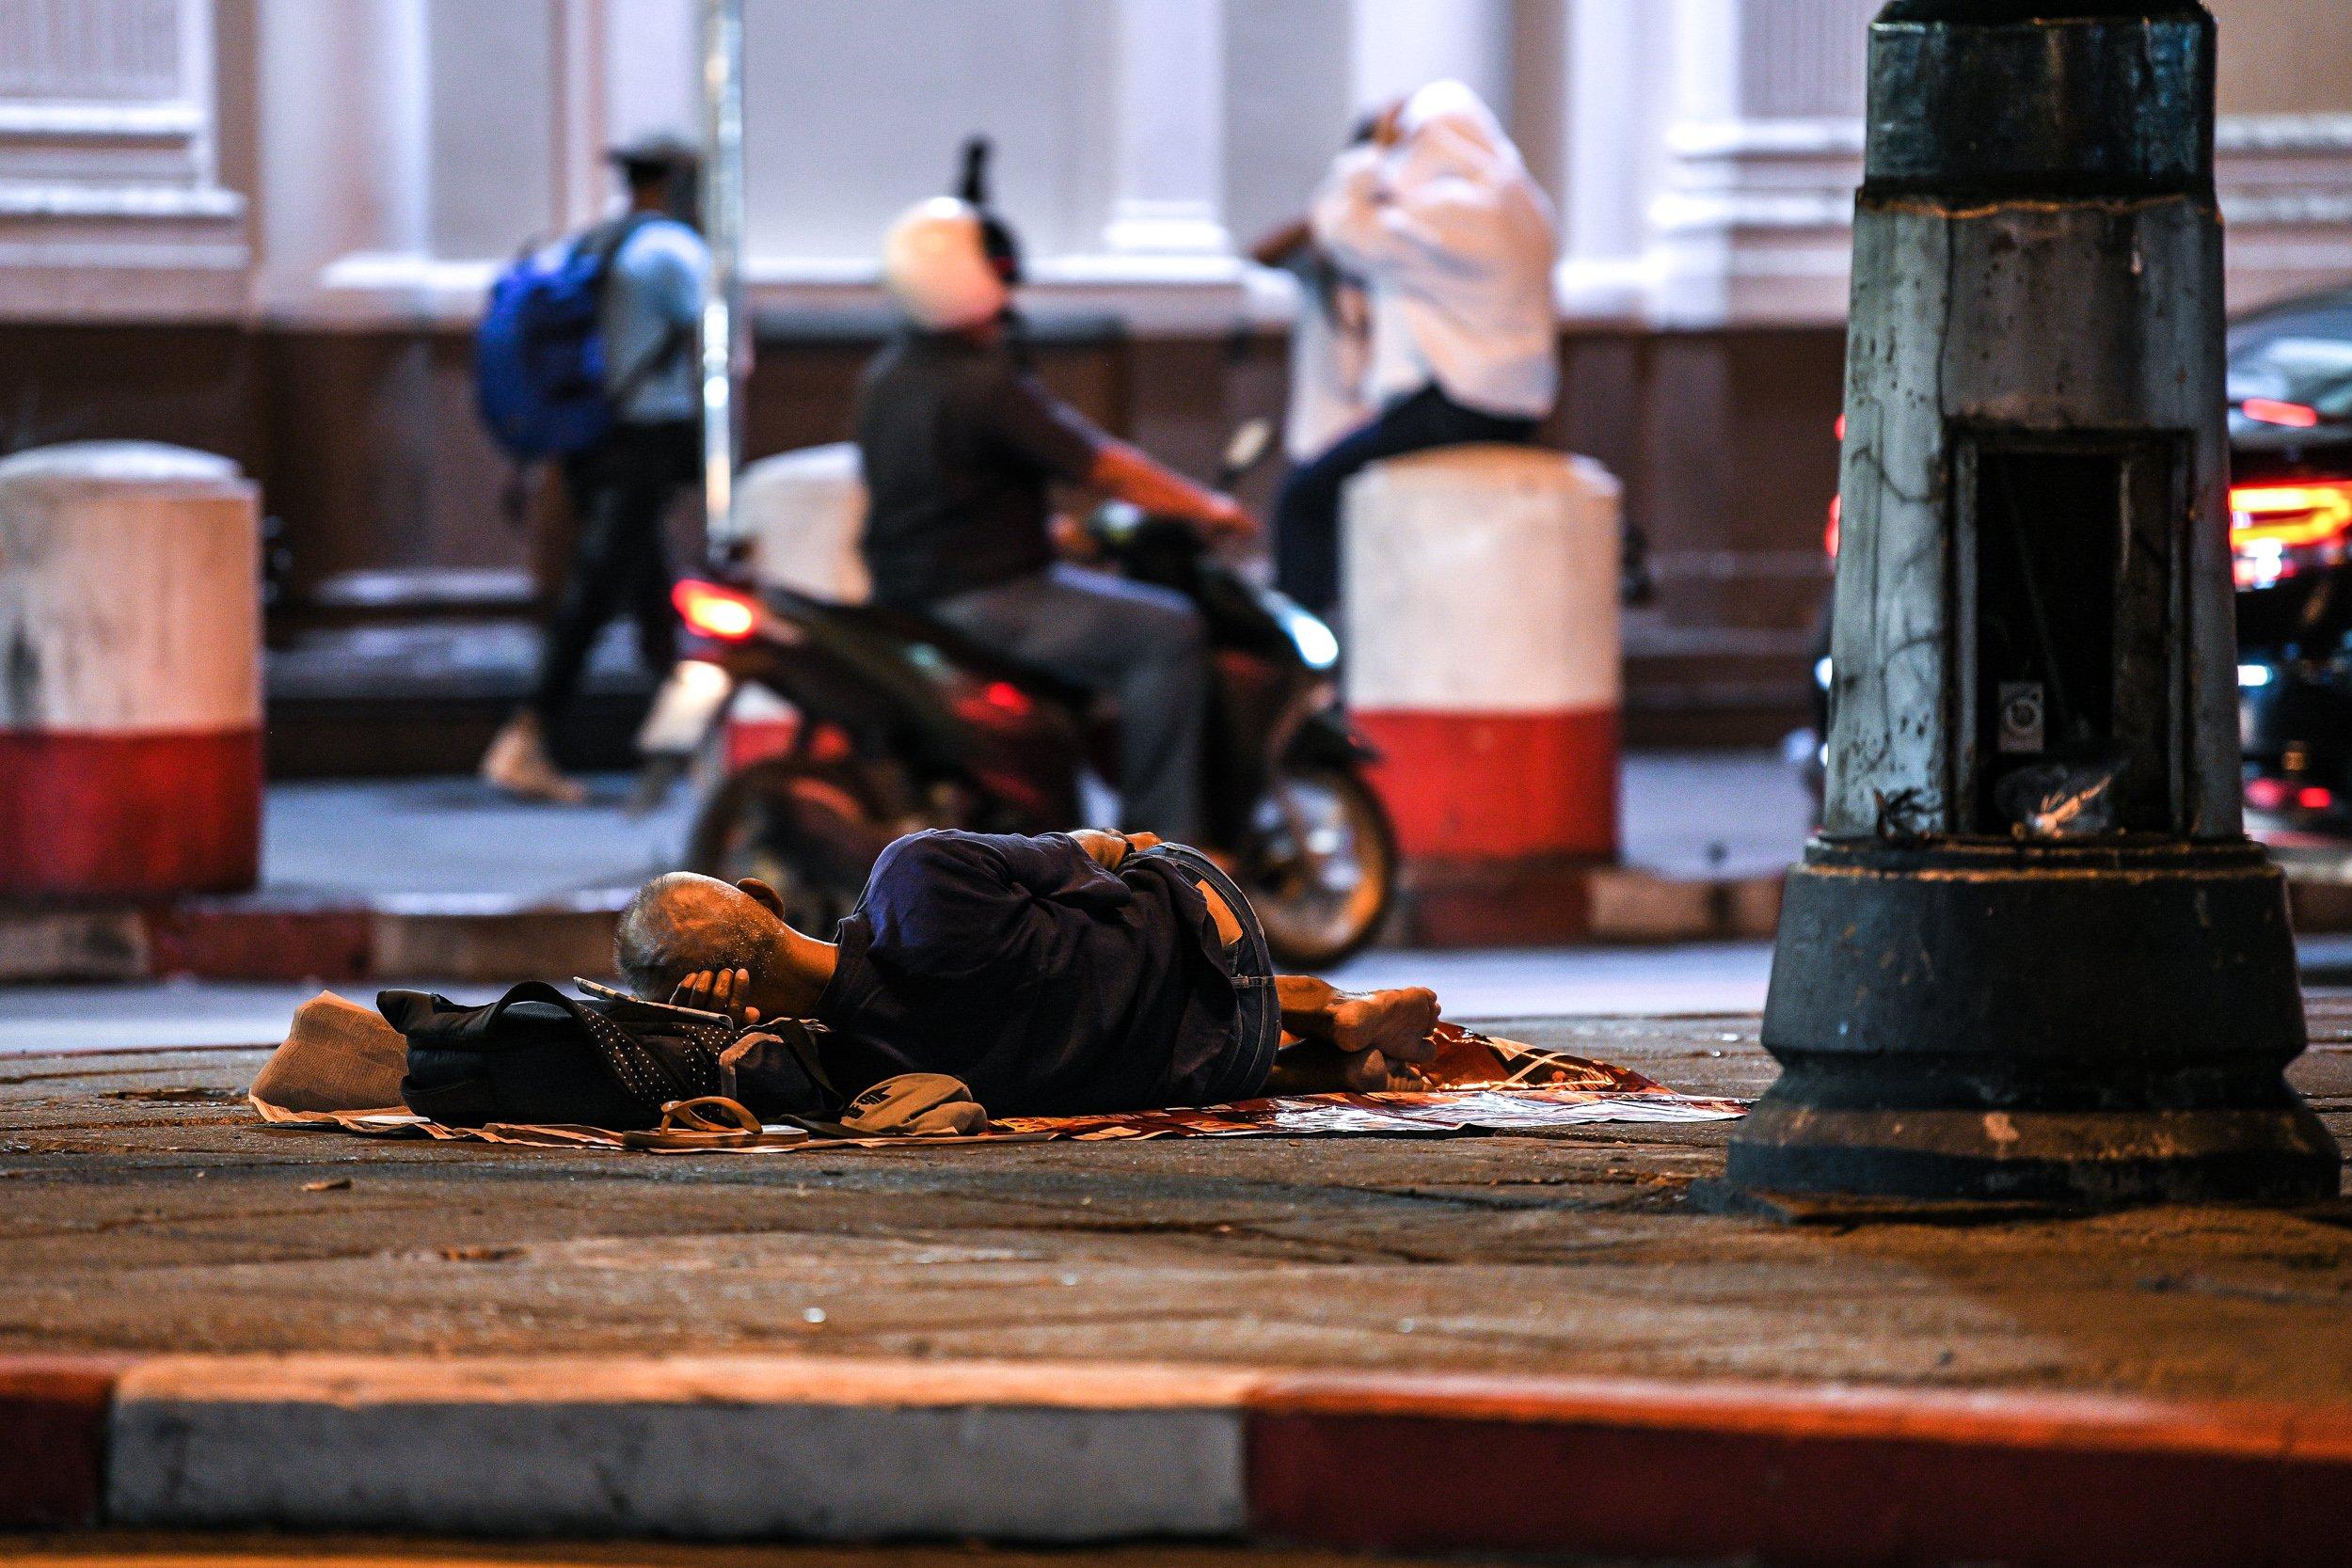 สำรวจสถานการณ์คนไร้บ้านครั้งใหญ่ หวังพัฒนาคุณภาพชีวิตเป็นระบบ thaihealth